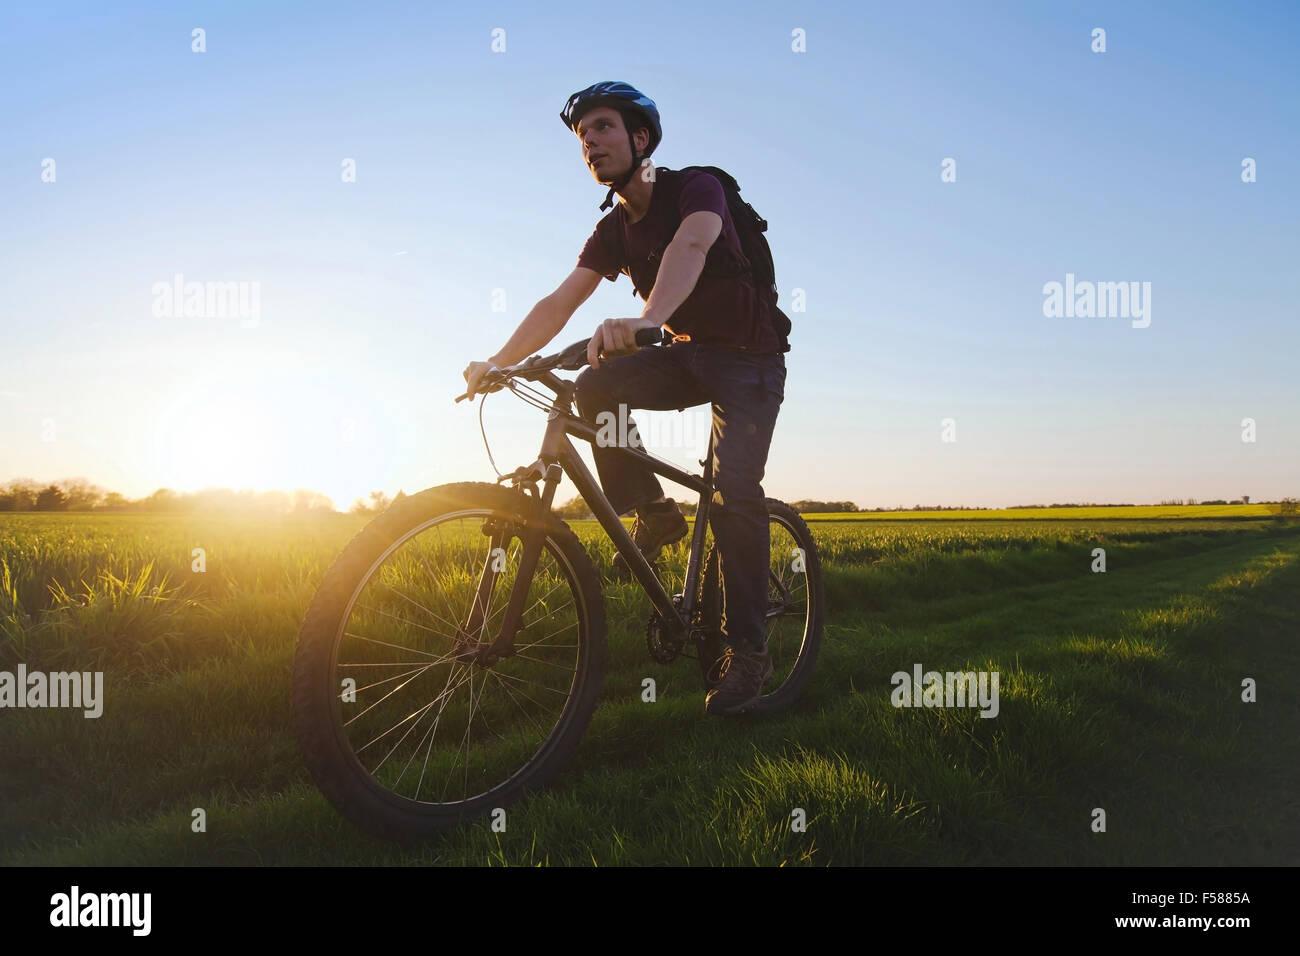 junger sportlicher Mann Reiten Fahrrad im Freien bei Sonnenuntergang Stockbild